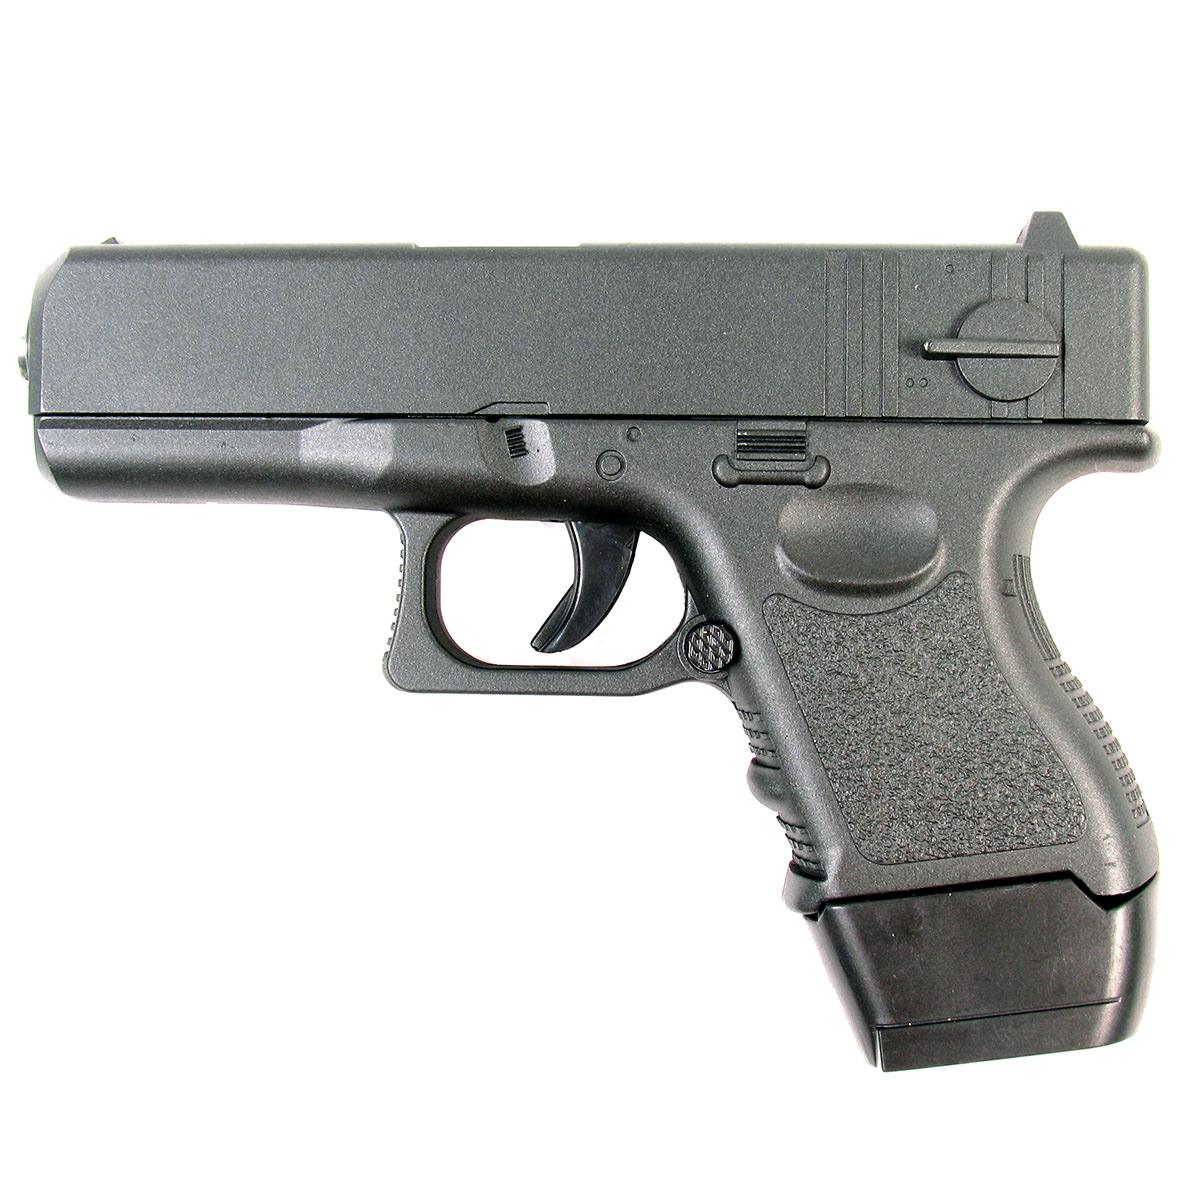 Пистолет страйкбольный Galaxy G.16, пружинный, 6 мм пневматический пистолет glock в минске